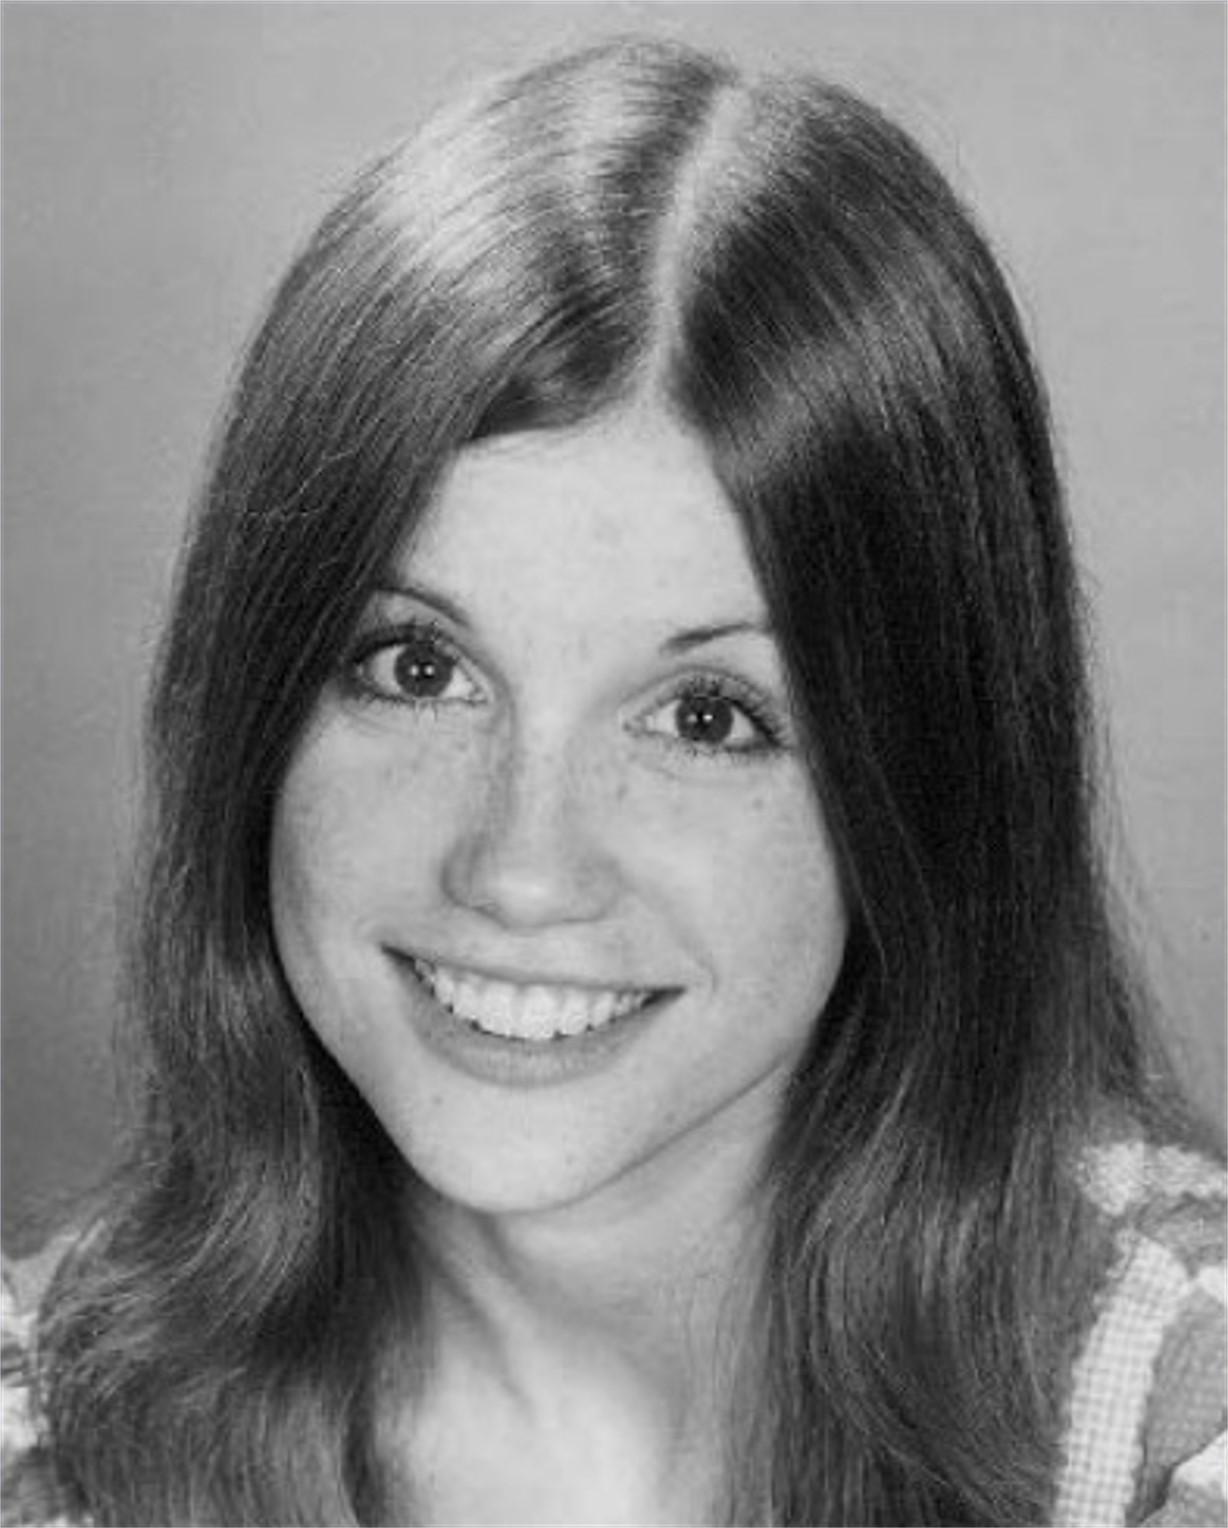 Jane Actman